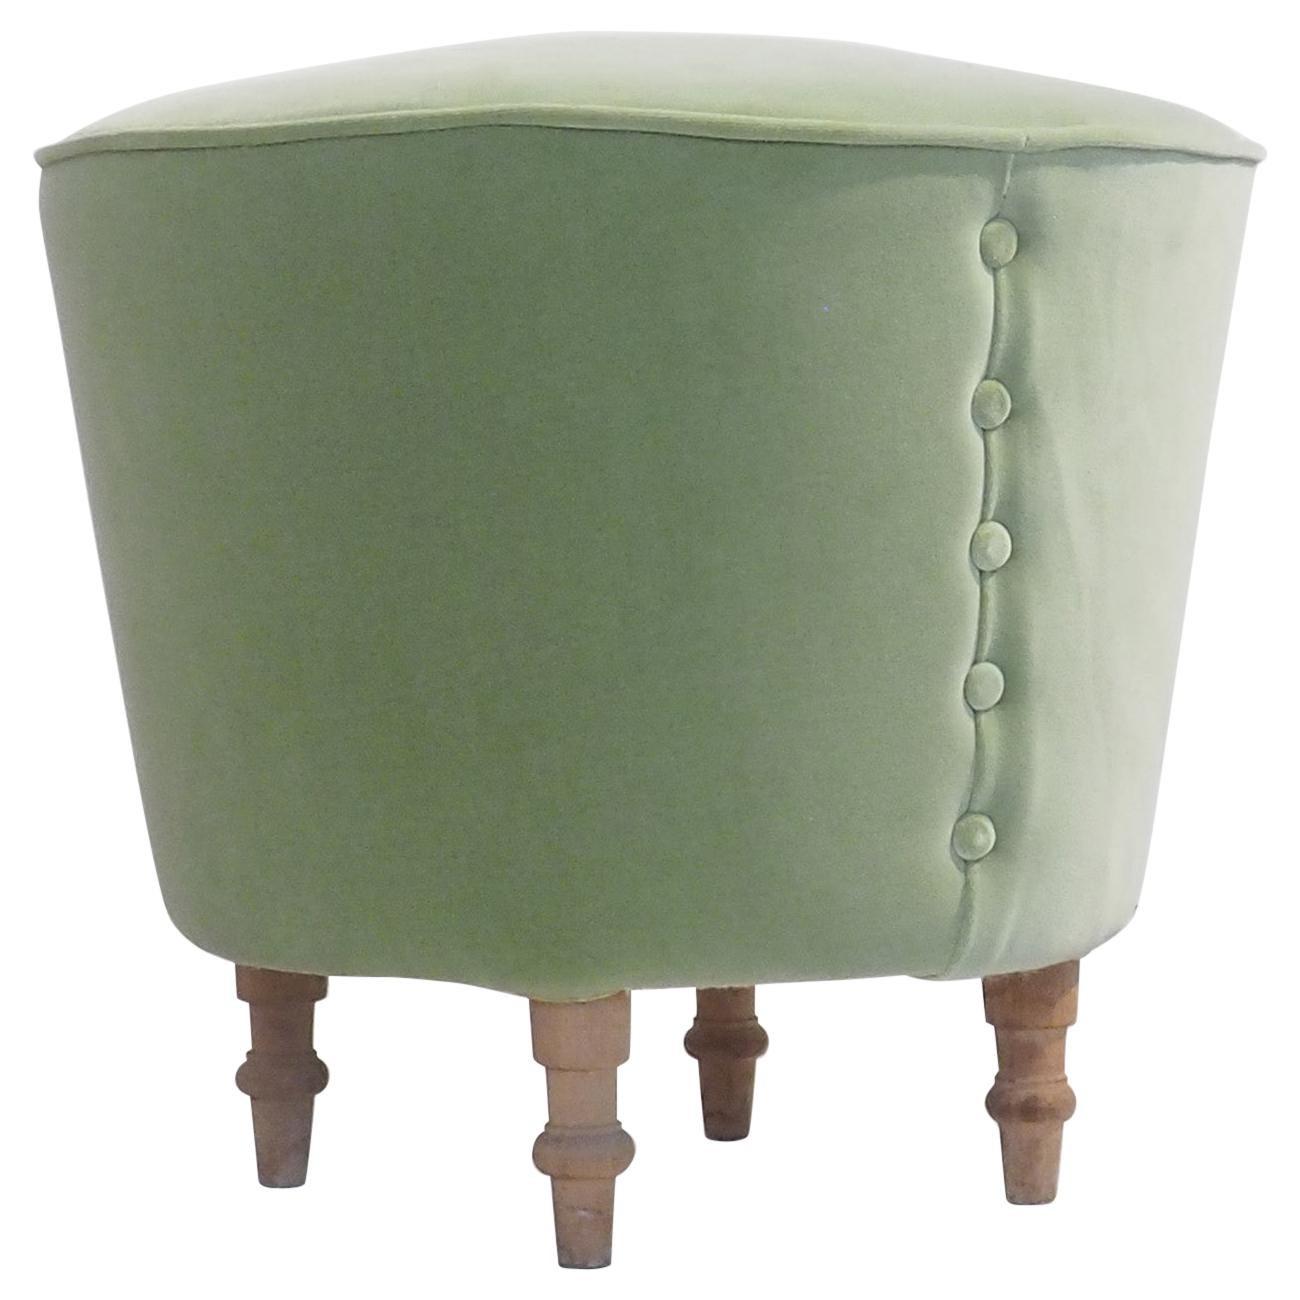 Mid-Century Modern Round Stool with Light Green Velvet Upholstery, Italy, 1950